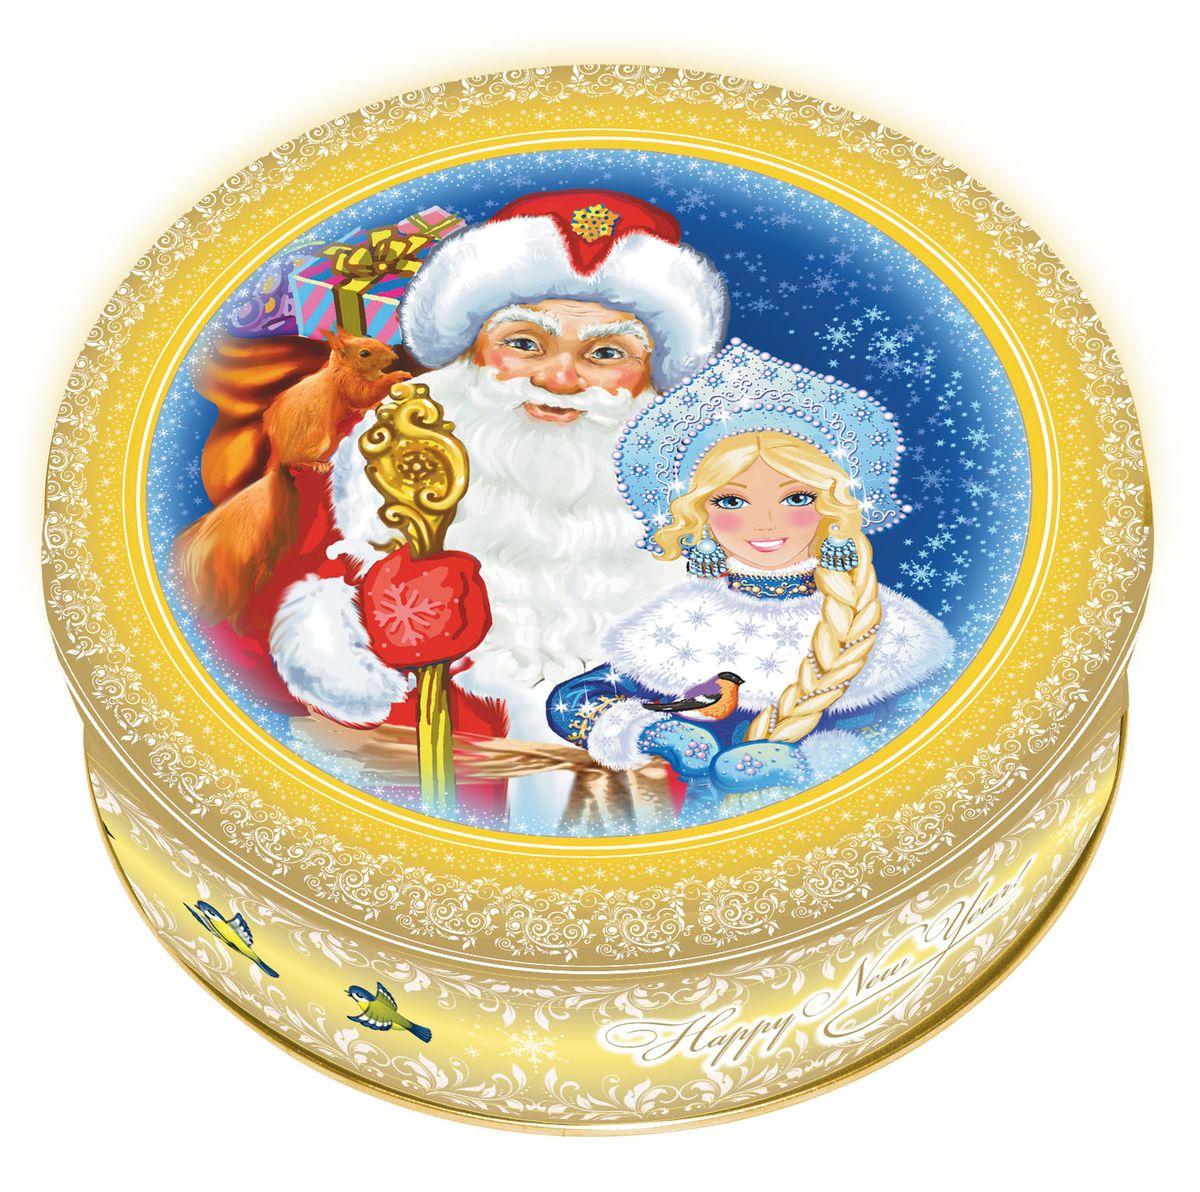 Сдобное печенье со сливочным маслом в подарочной банке с изображением главных персонажей Нового года — Деда Мороза и Снегурочки. Отличный новогодний подарок! 100% натуральный продукт изготовлен на фабрике «МАК-Иваново», принадлежащей ГК «Сладкая сказка». Полный цикл производства включает также изготовление самой банки.